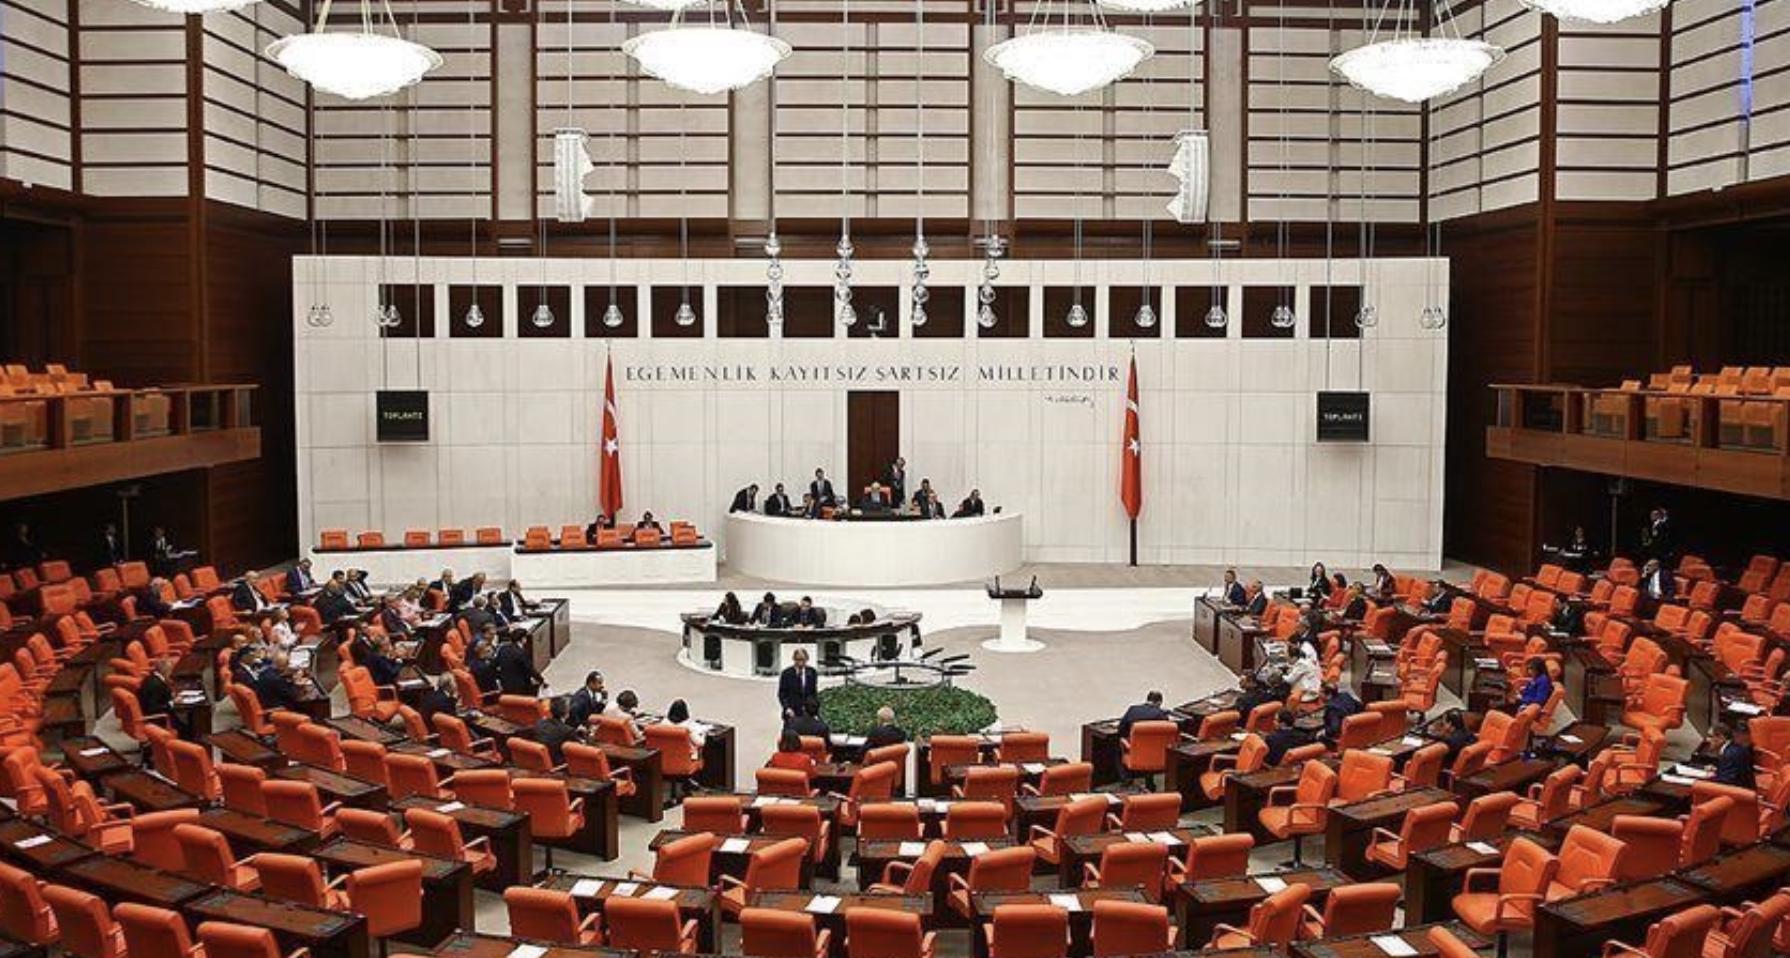 Τουρκία: Αναγκαιότητα ένα νέο Σύνταγμα, που δεν έχει συνταχθεί από το Στρατό, δήλωσε ο Hakan Cavusoglu